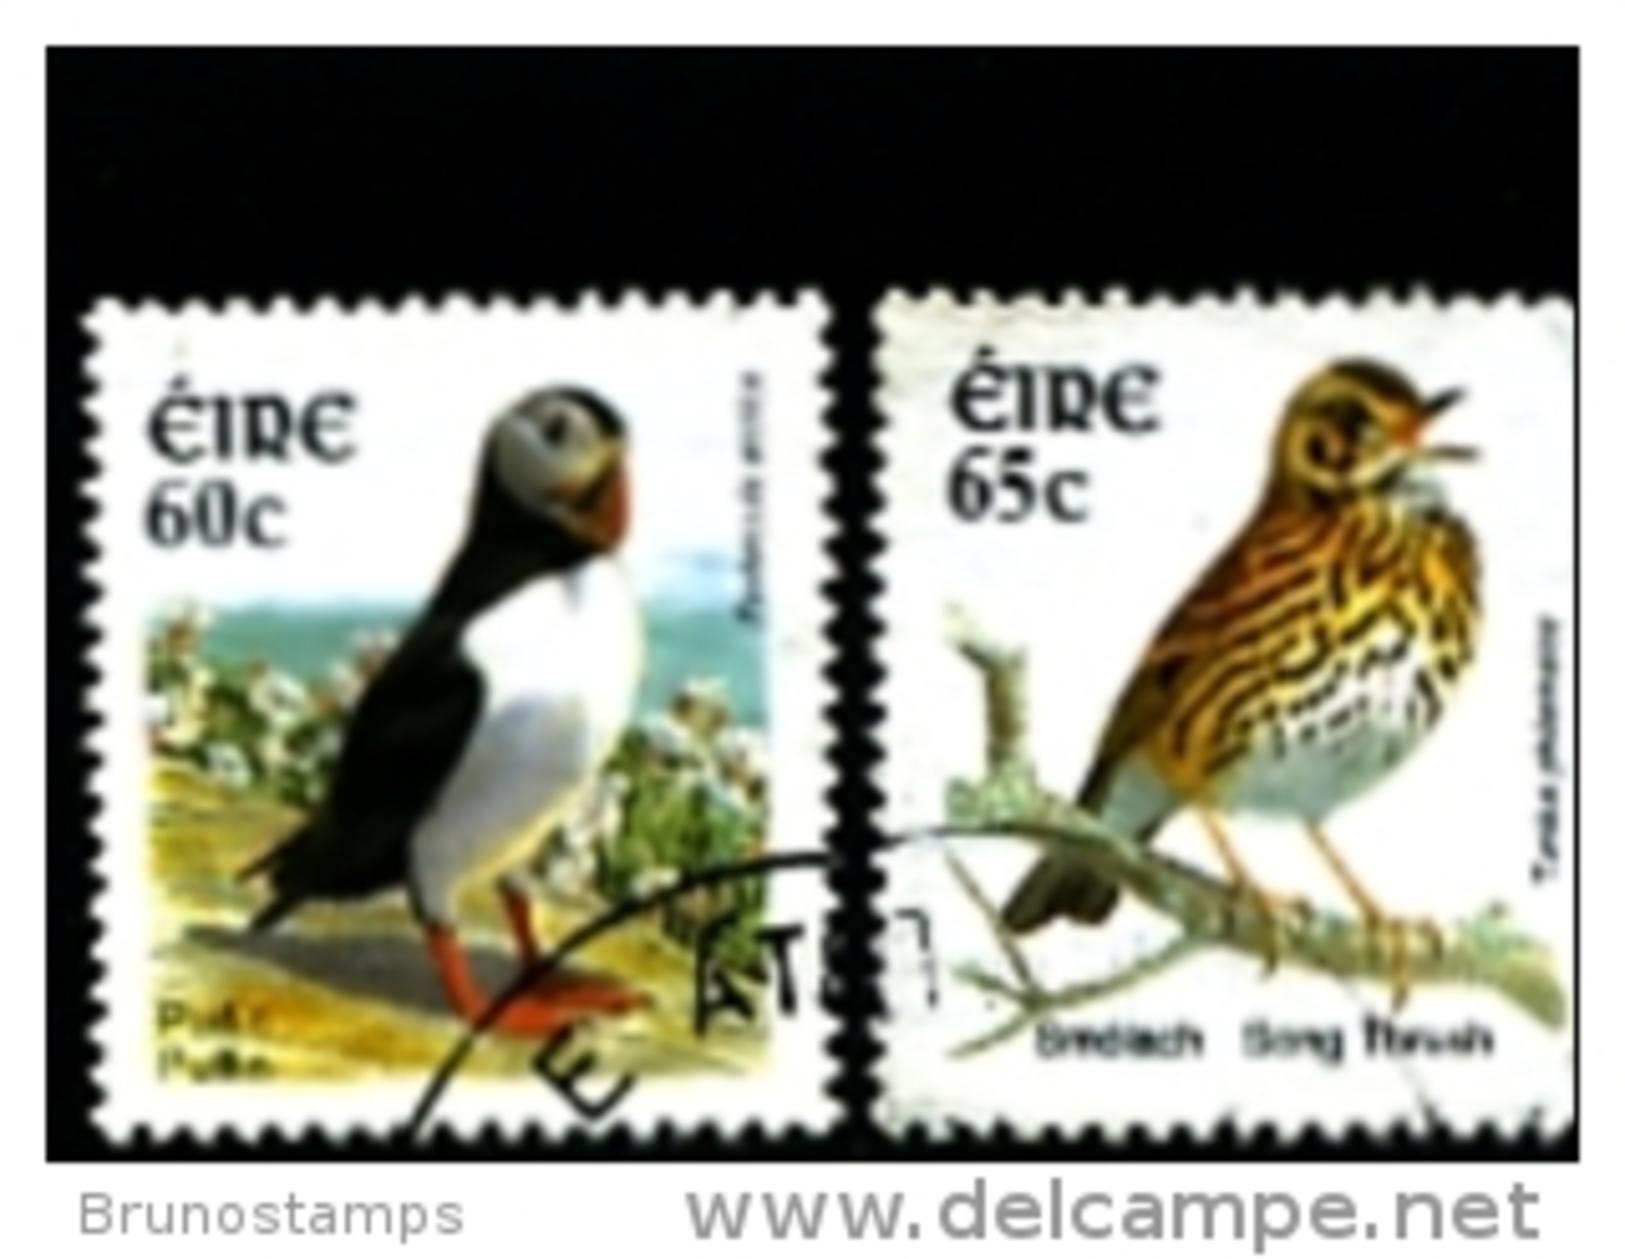 IRELAND/EIRE - 2004  BIRDS (60c. + 65c.)  SET  FINE USED - 1949-... Repubblica D'Irlanda